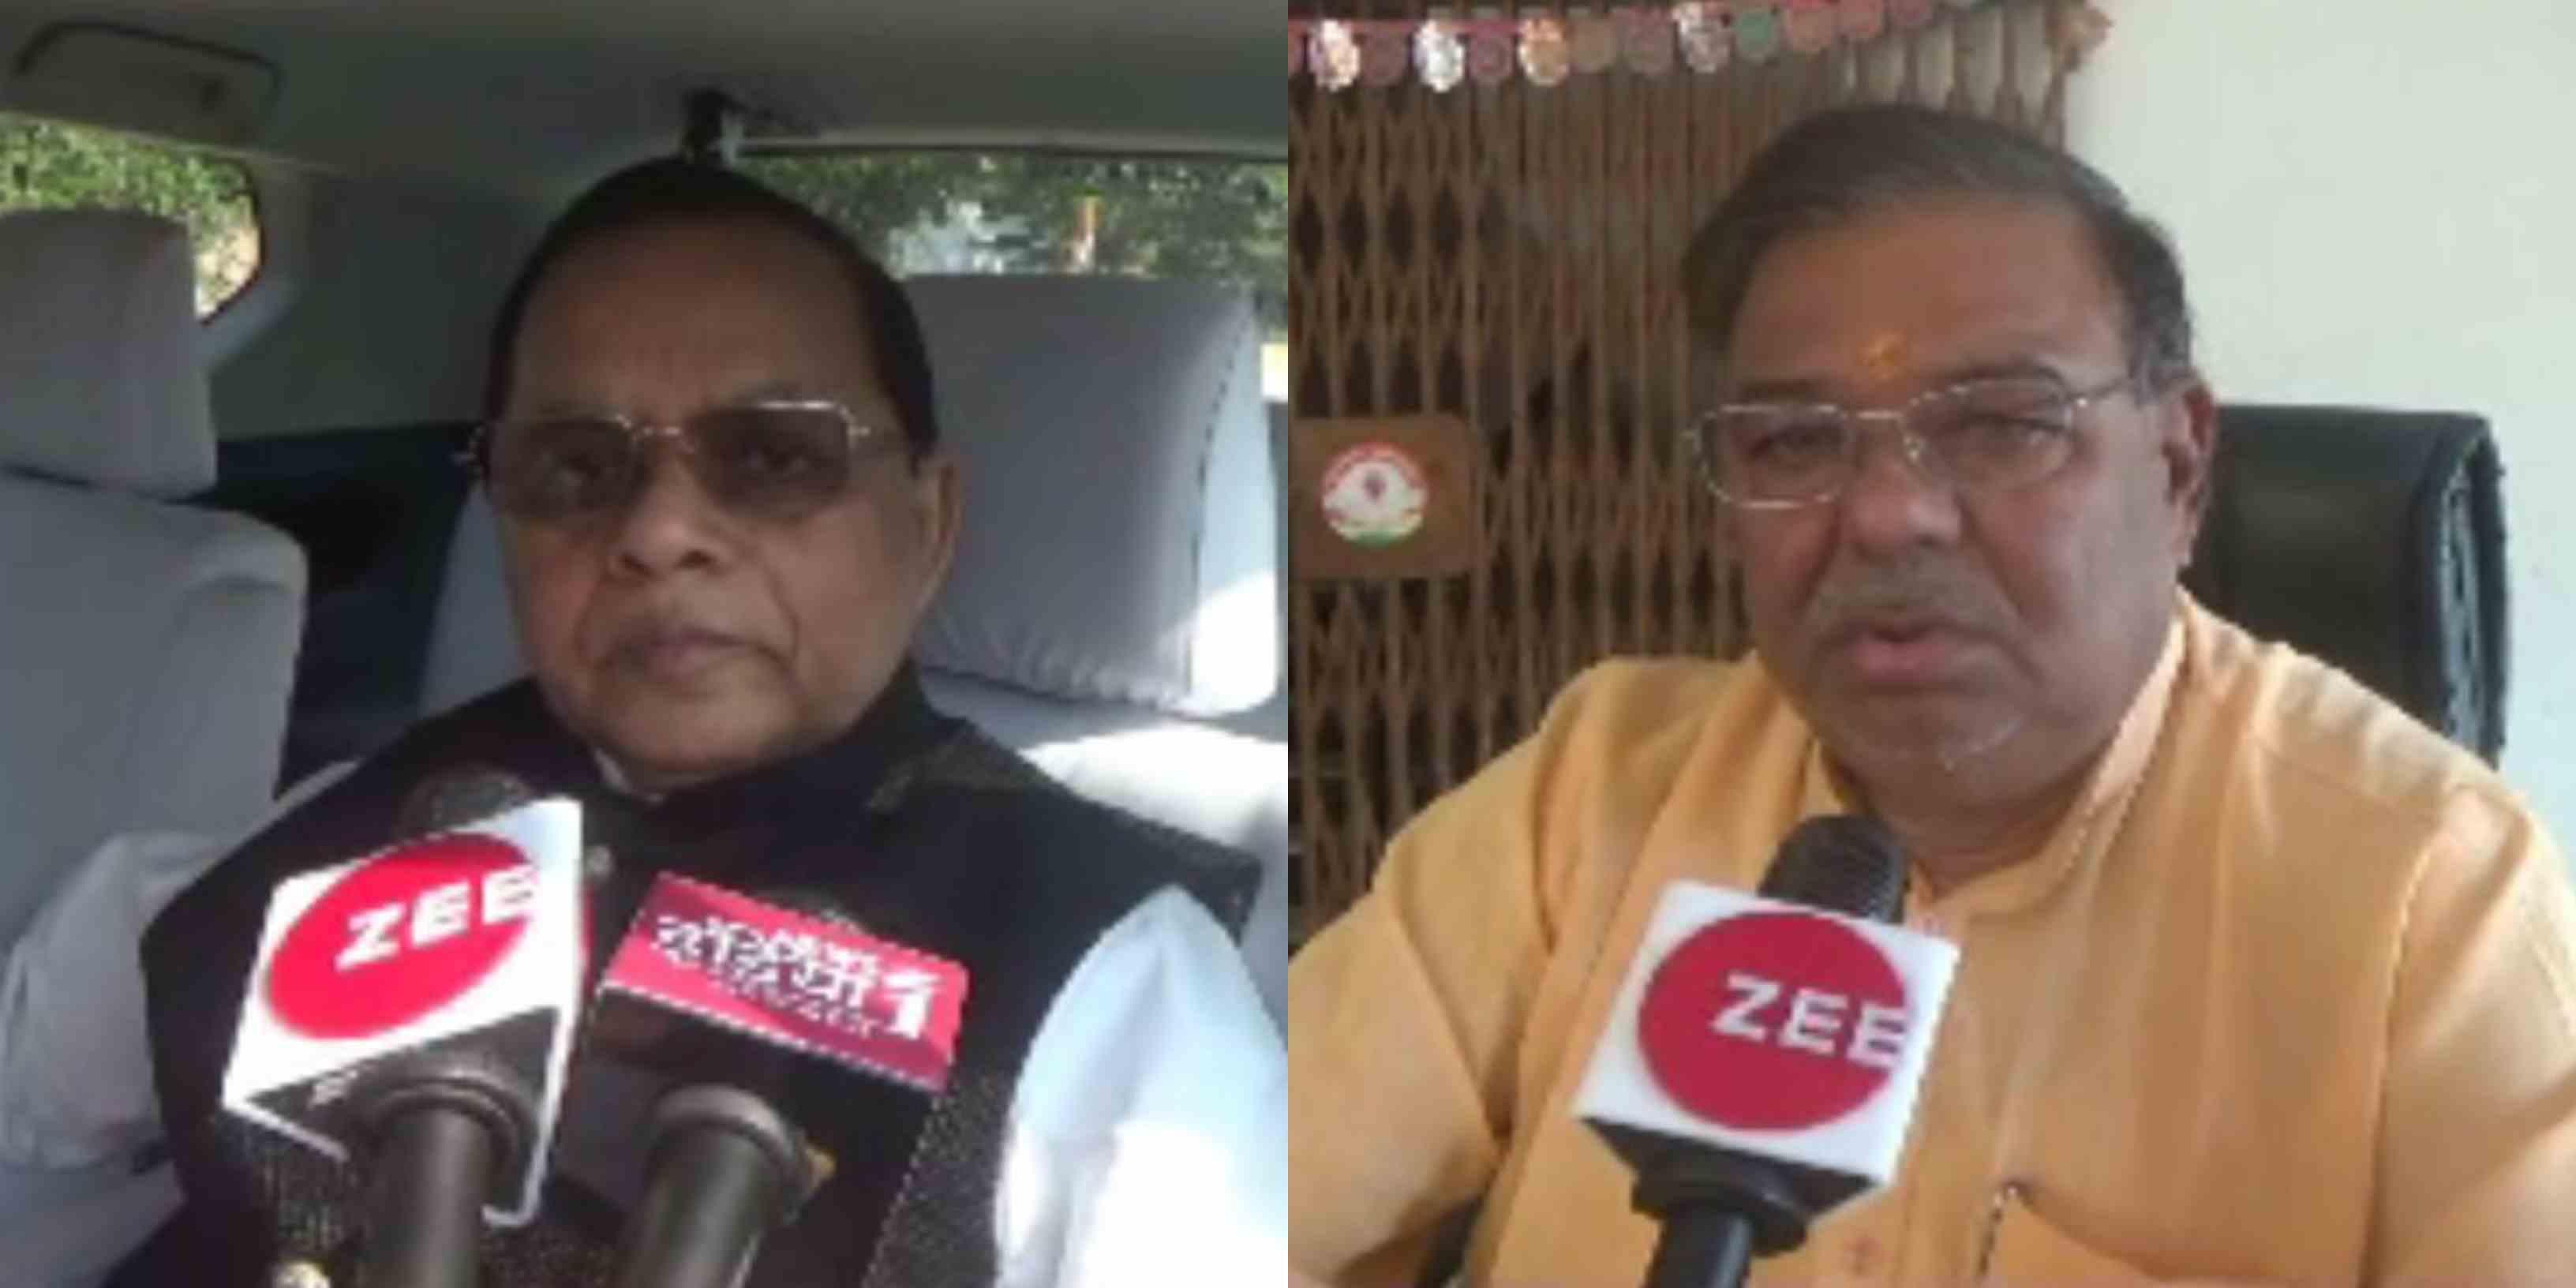 झारखंड चुनाव: बोकारो सीट पर कांटे की टक्कर, बीजेपी-कांग्रेस दोनों कर रहे जीत के दावे